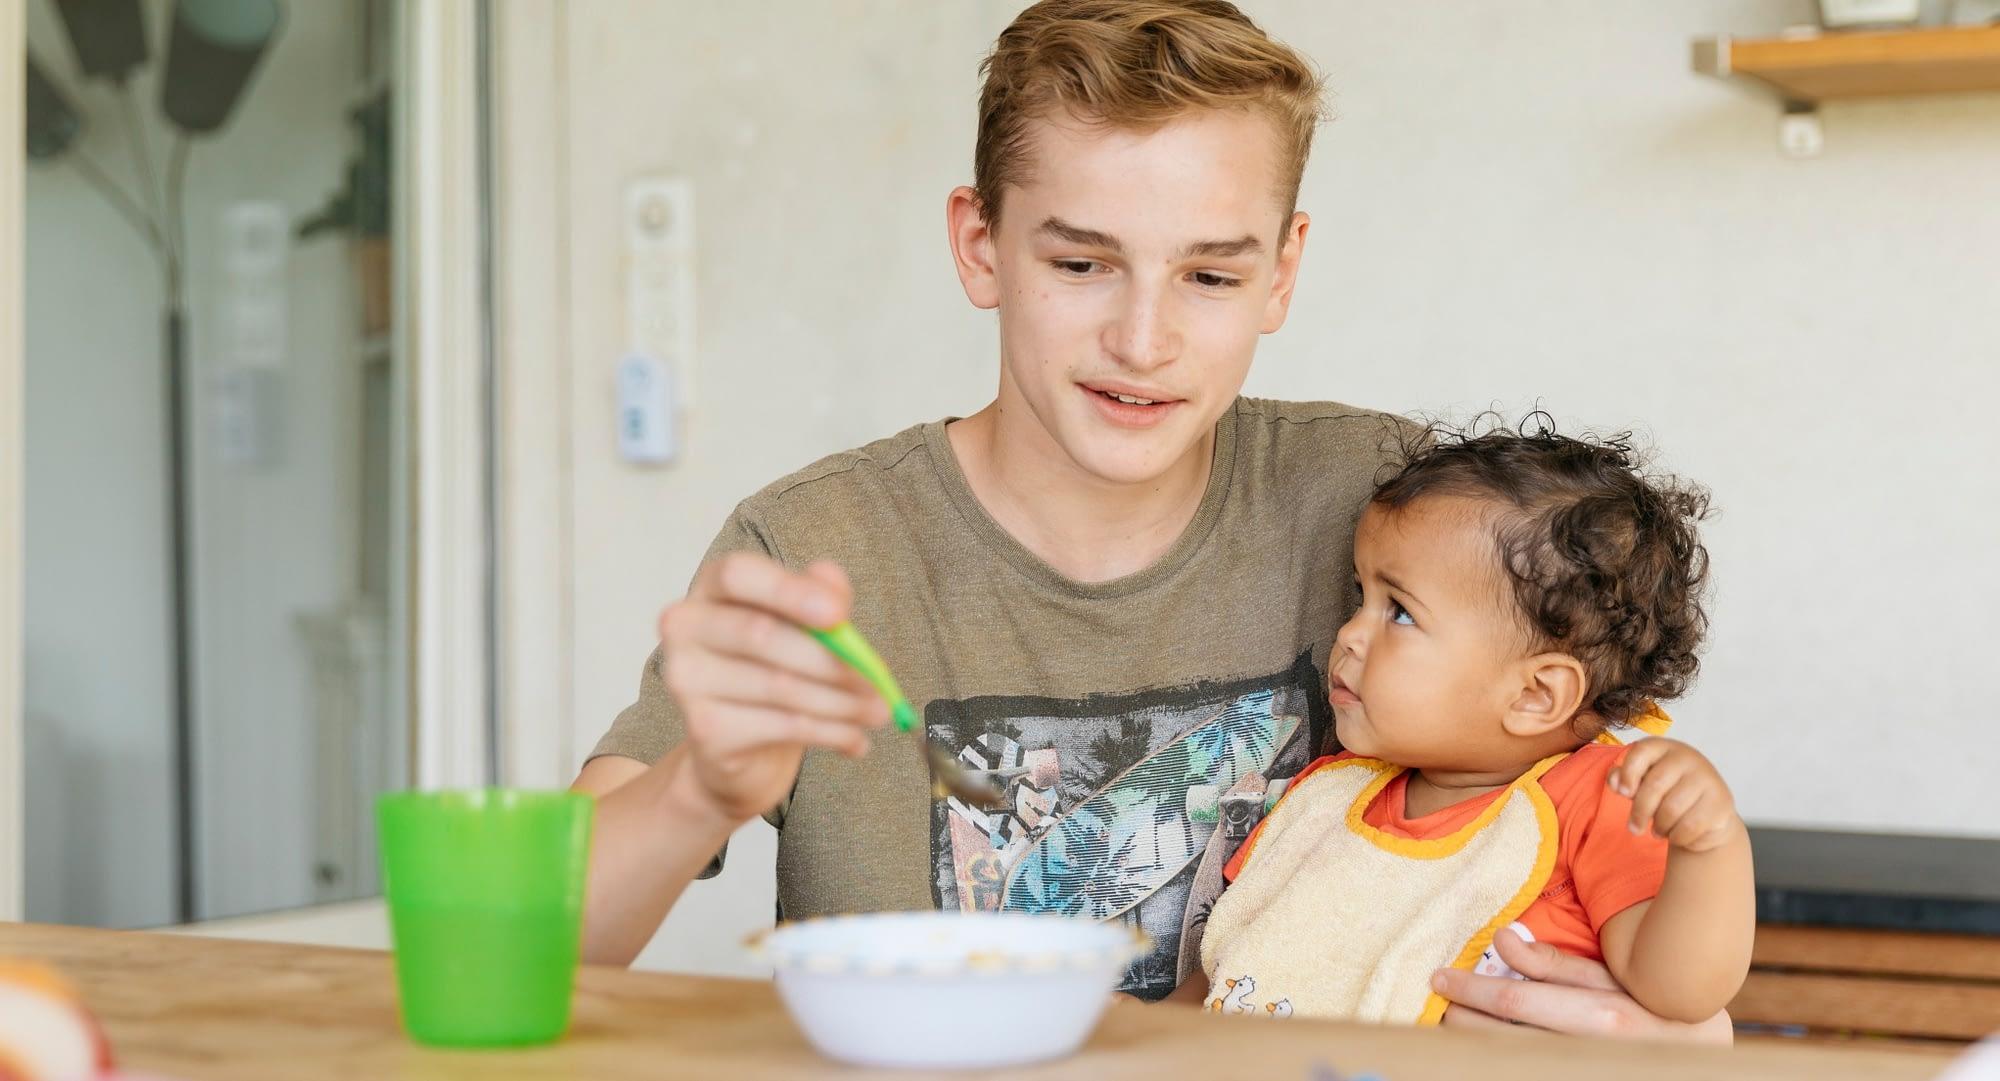 Corso Babysitting per ragazze e ragazzi (13 - 17 anni compiuti) - Settore Corsi CRS